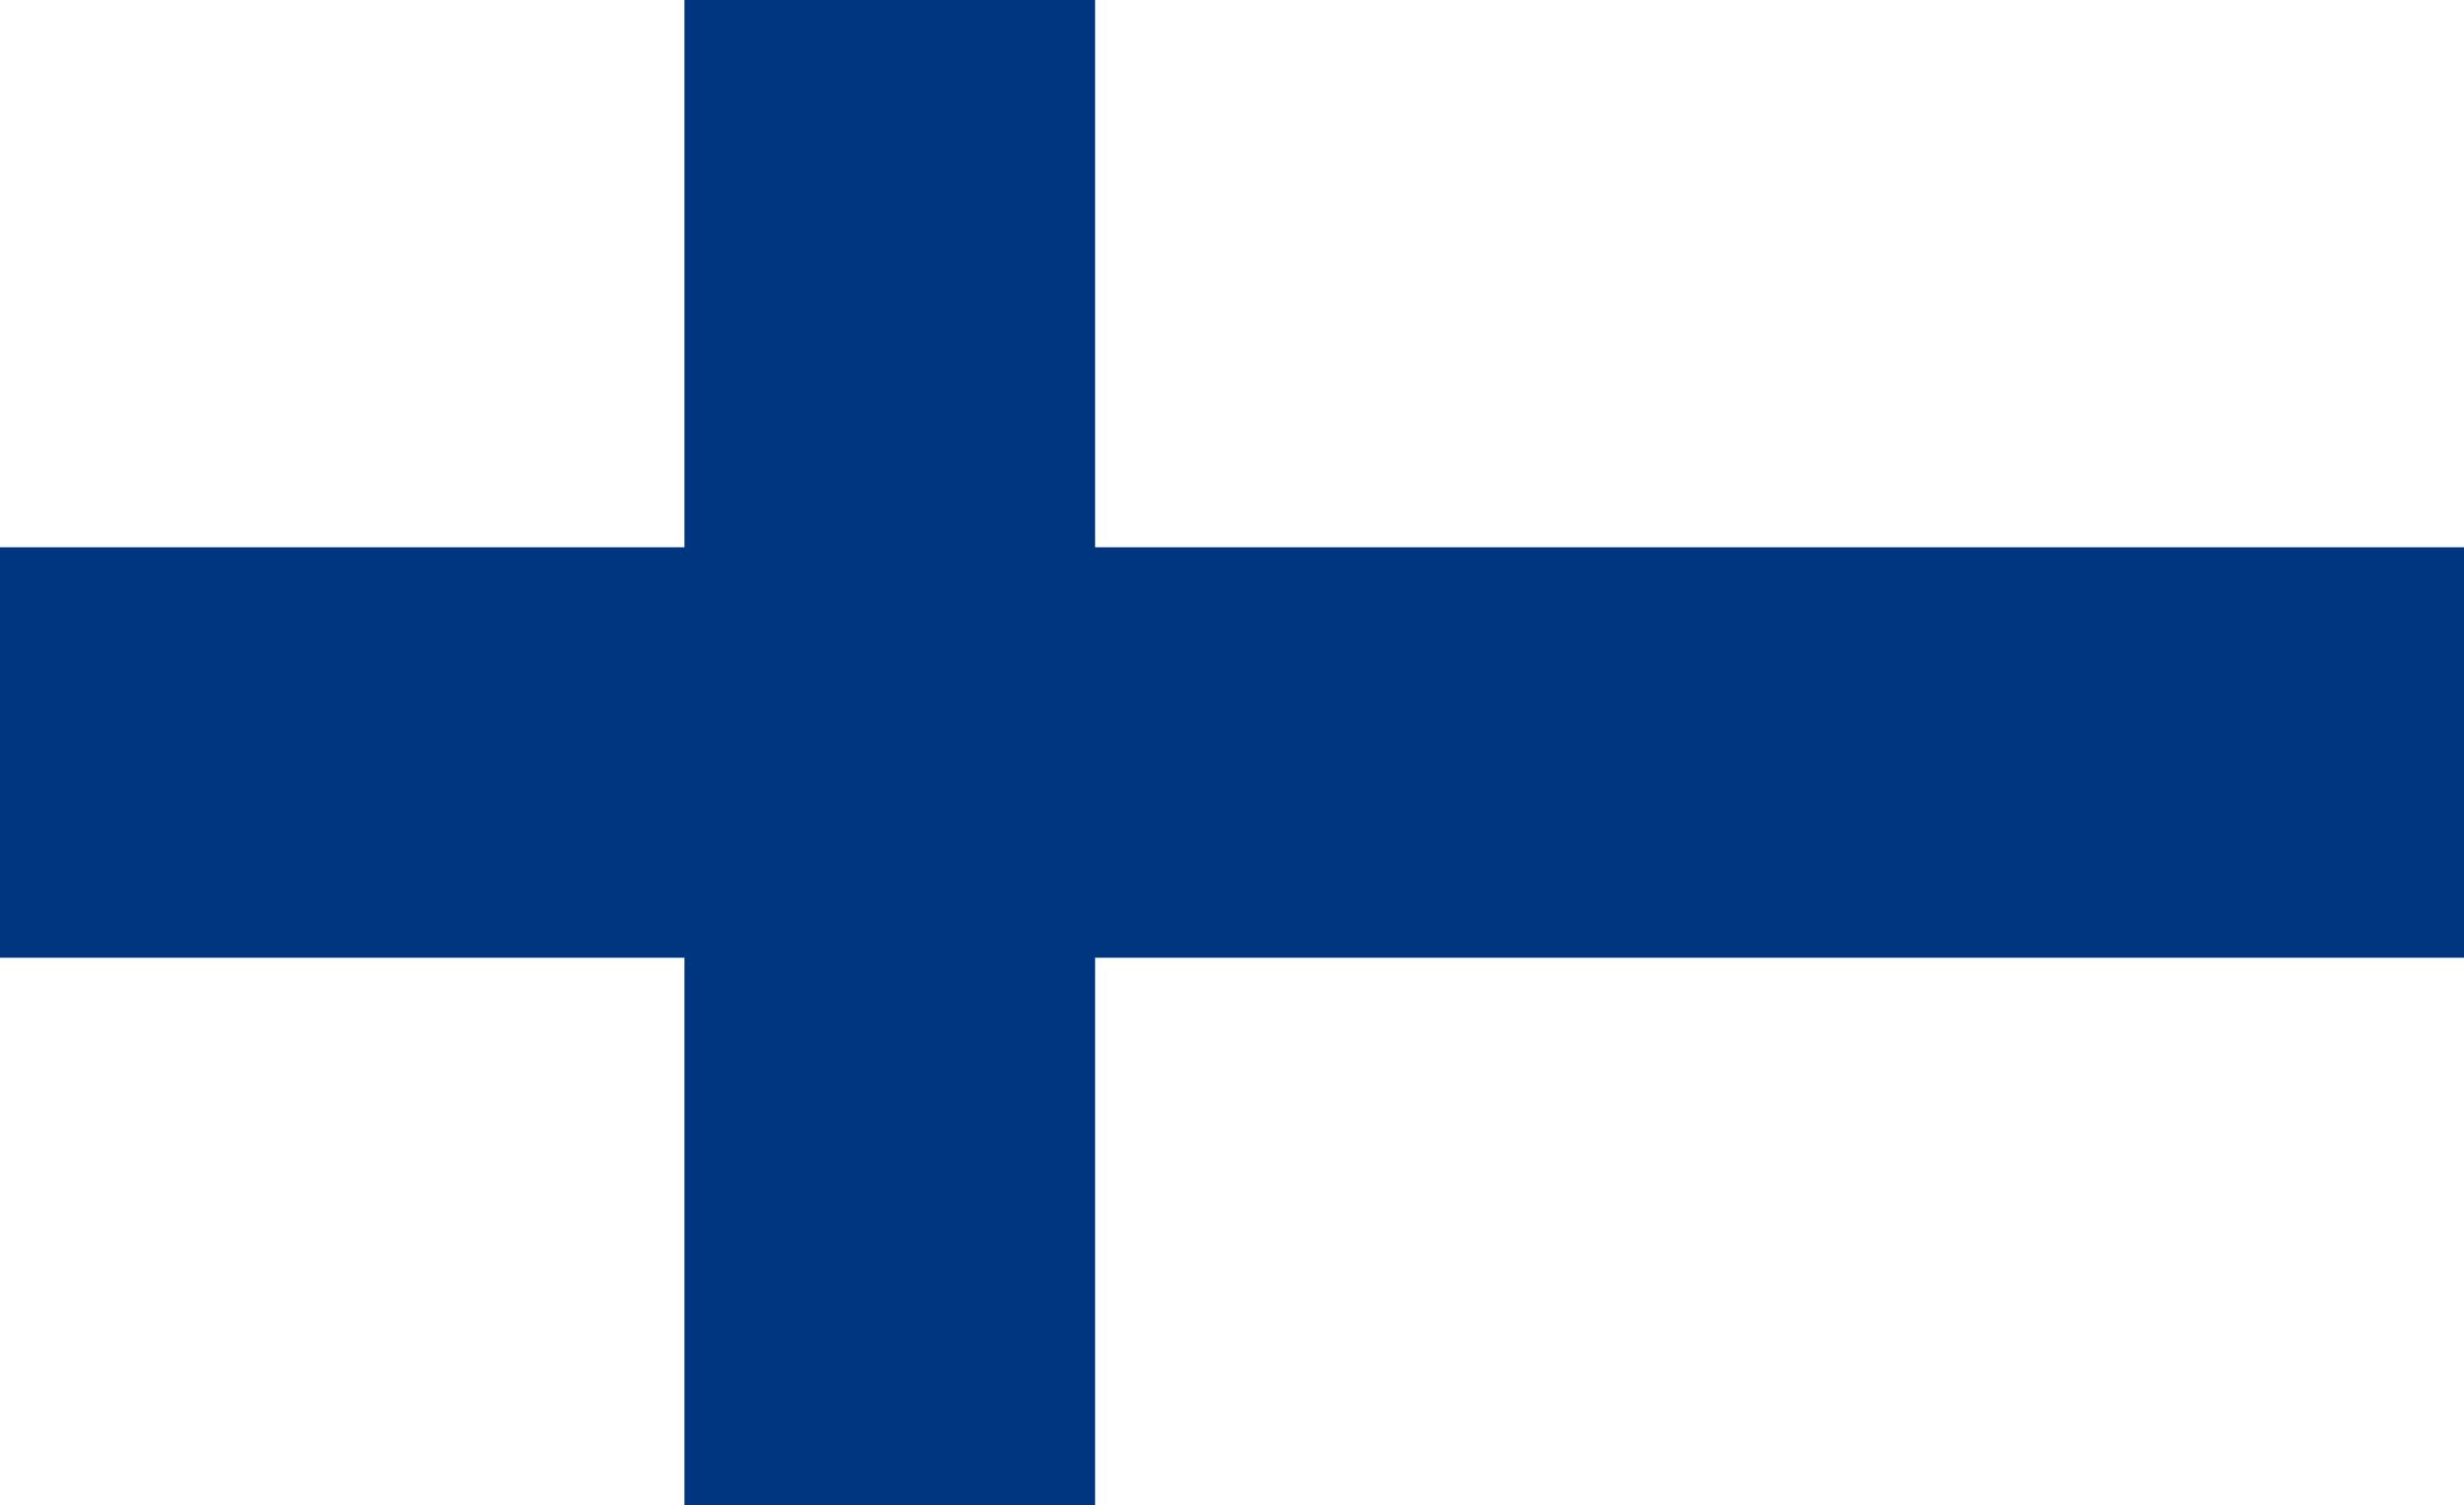 finlandia, pays, emblème, logo, symbole - Fonds d'écran HD - Professor-falken.com